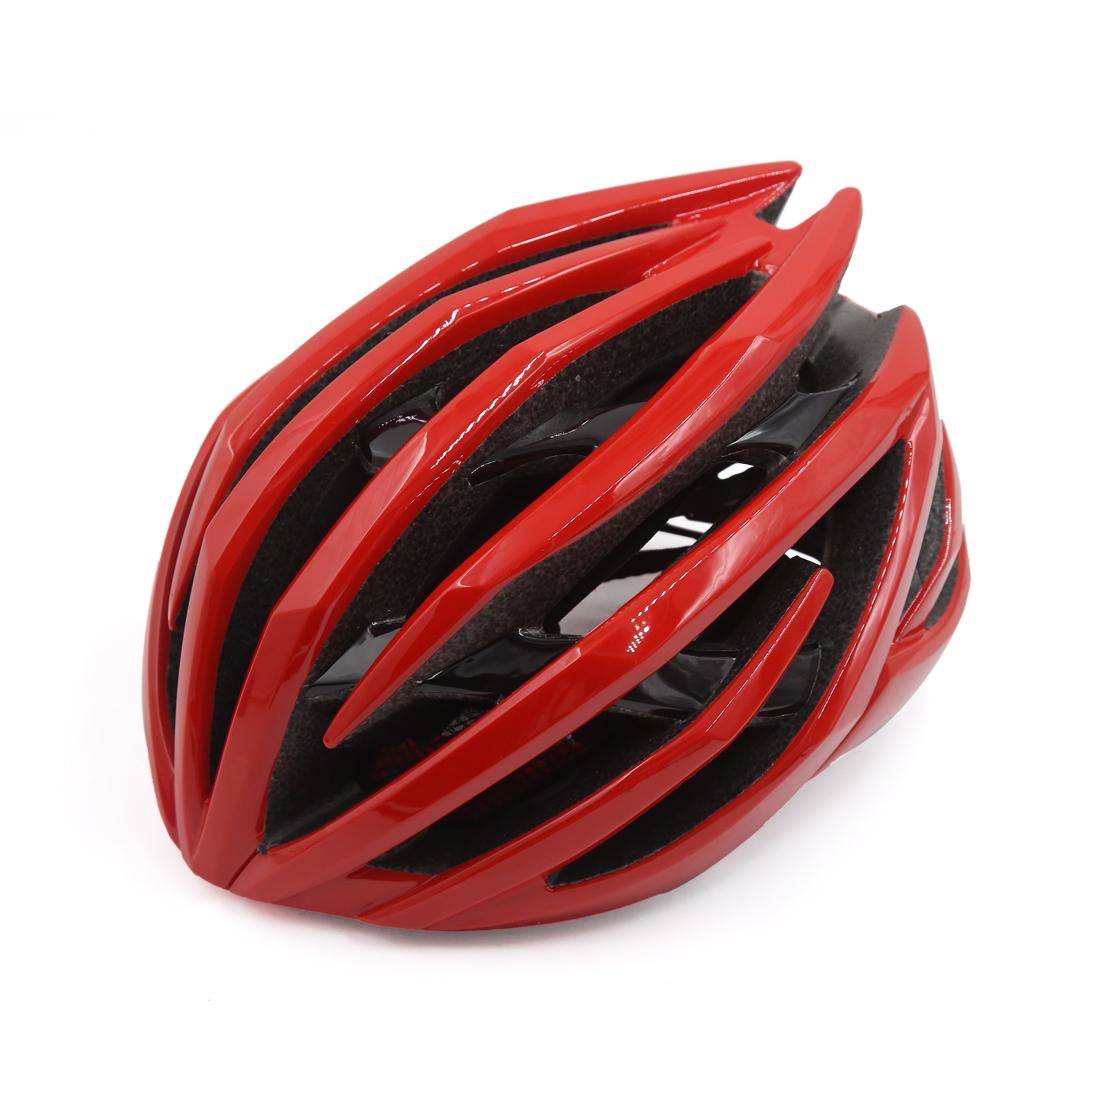 Red Black Shockproof Ultralight Integrally Molded EPS Mountain Bike Helmet